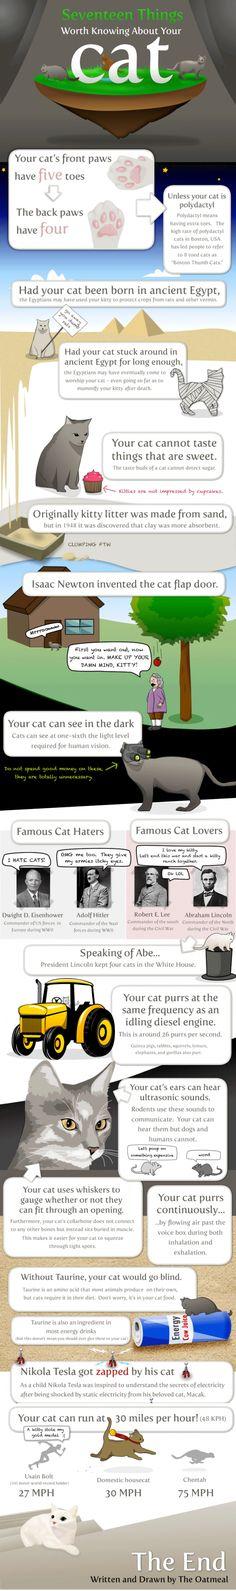 Fun Cat Facts